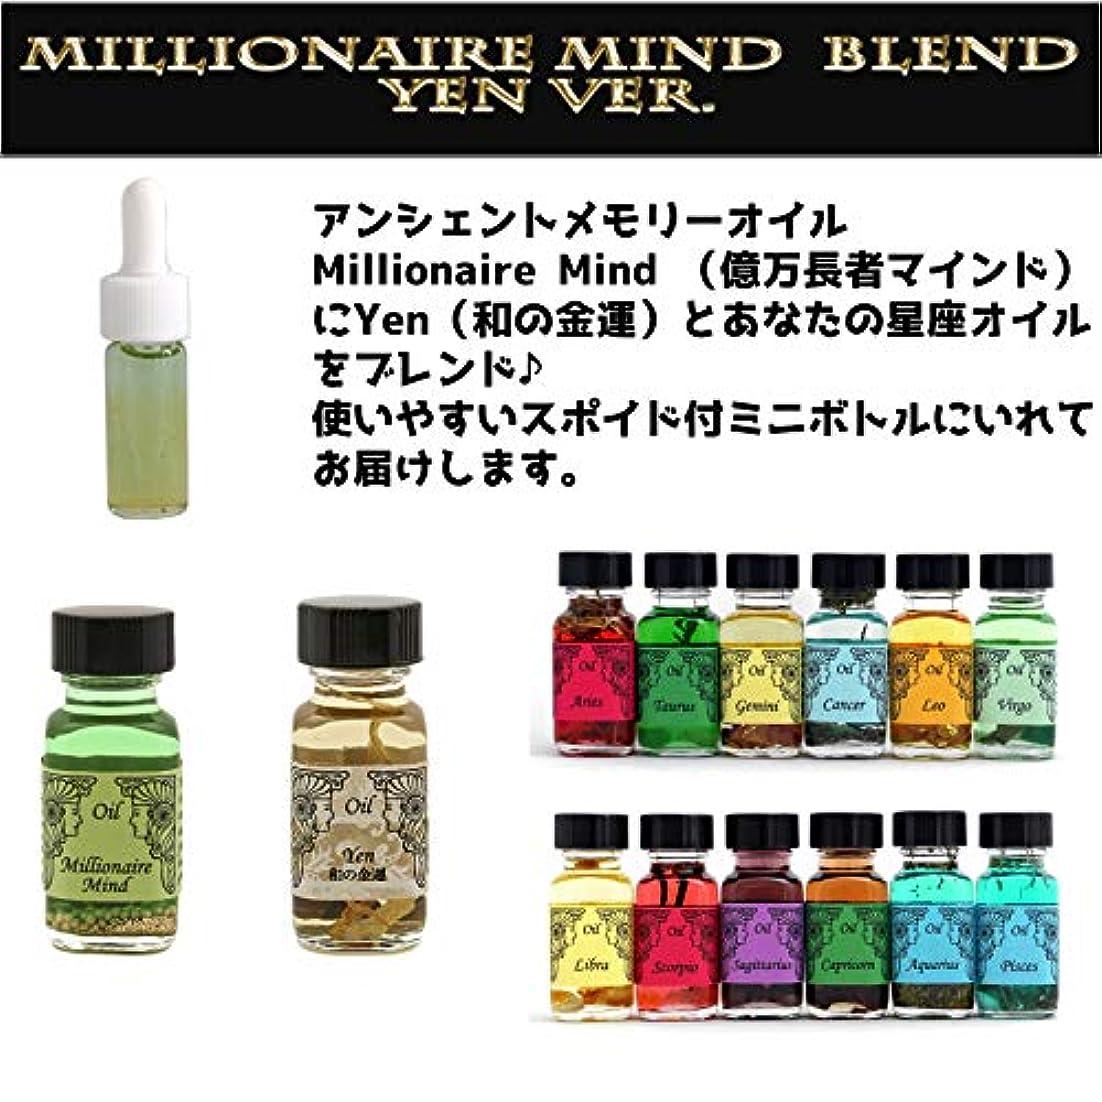 焼くカートンわずかにアンシェントメモリーオイル Millionaire Mind 億万長者マインド ブレンド【Yen 和の金運&うお座】